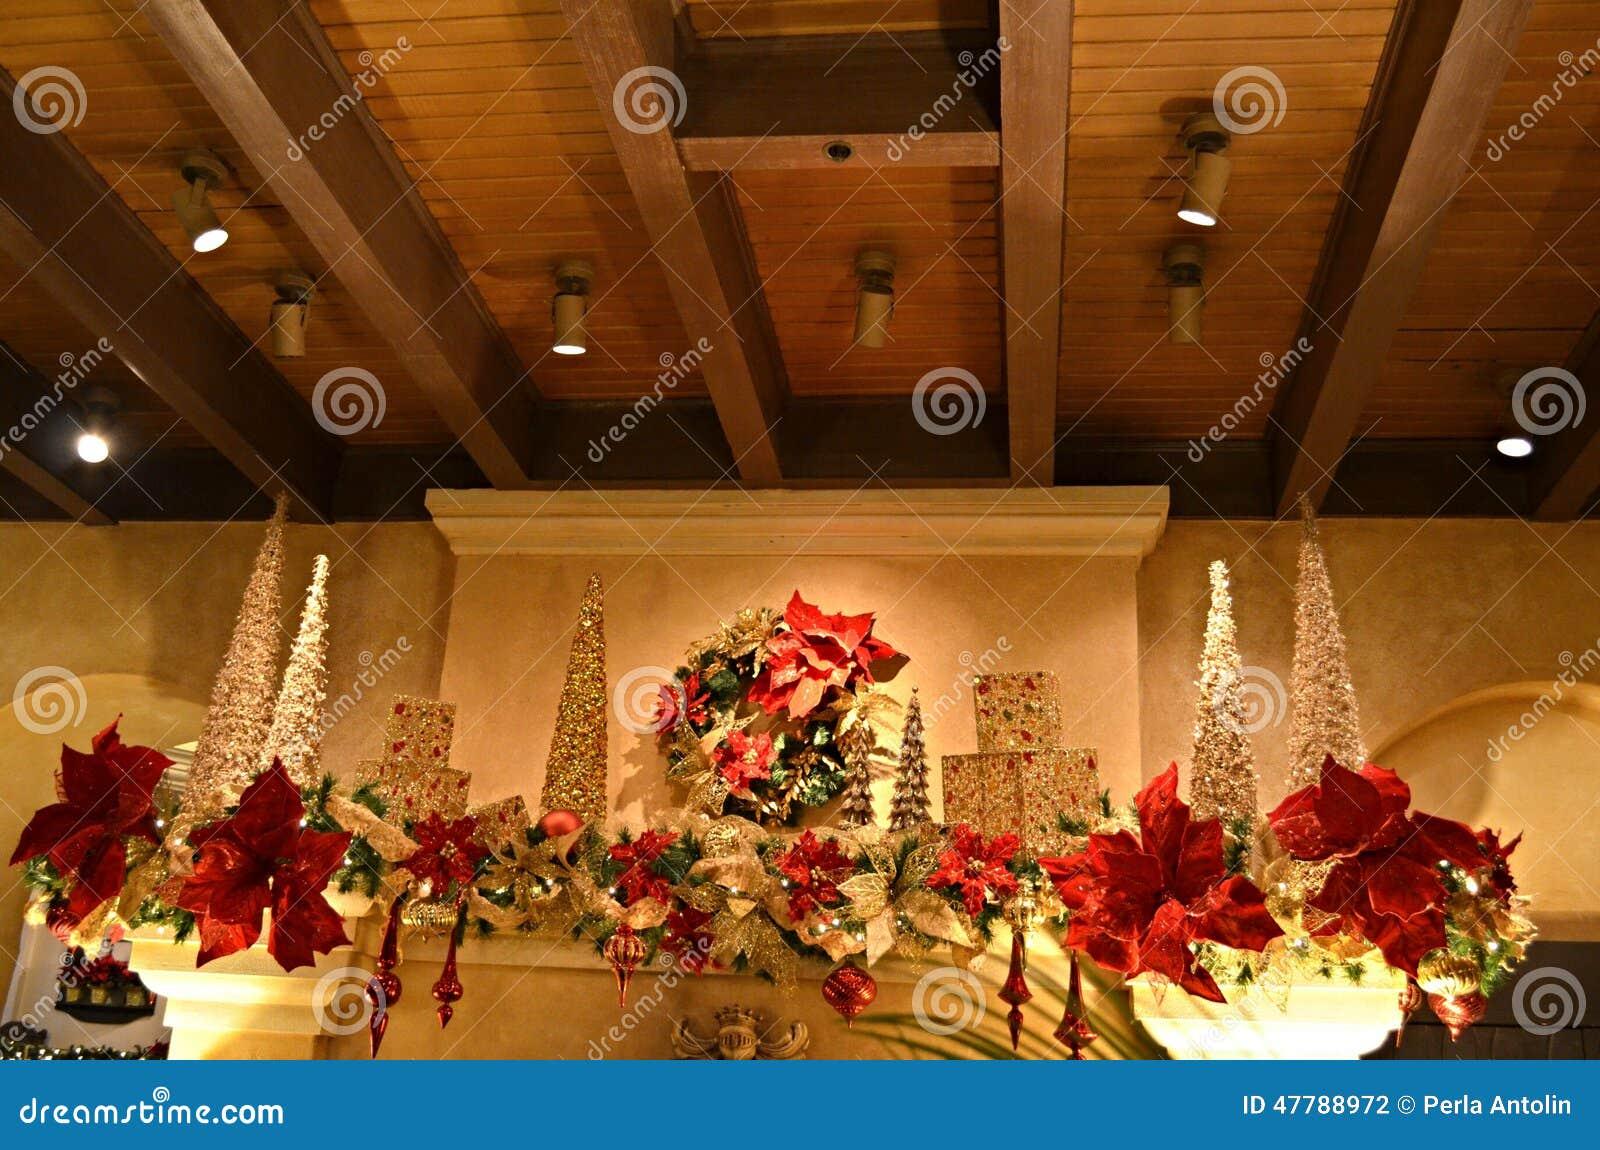 Decoracion casera de navidad decoracin casera suave de la - Decoracion de navidad casera ...